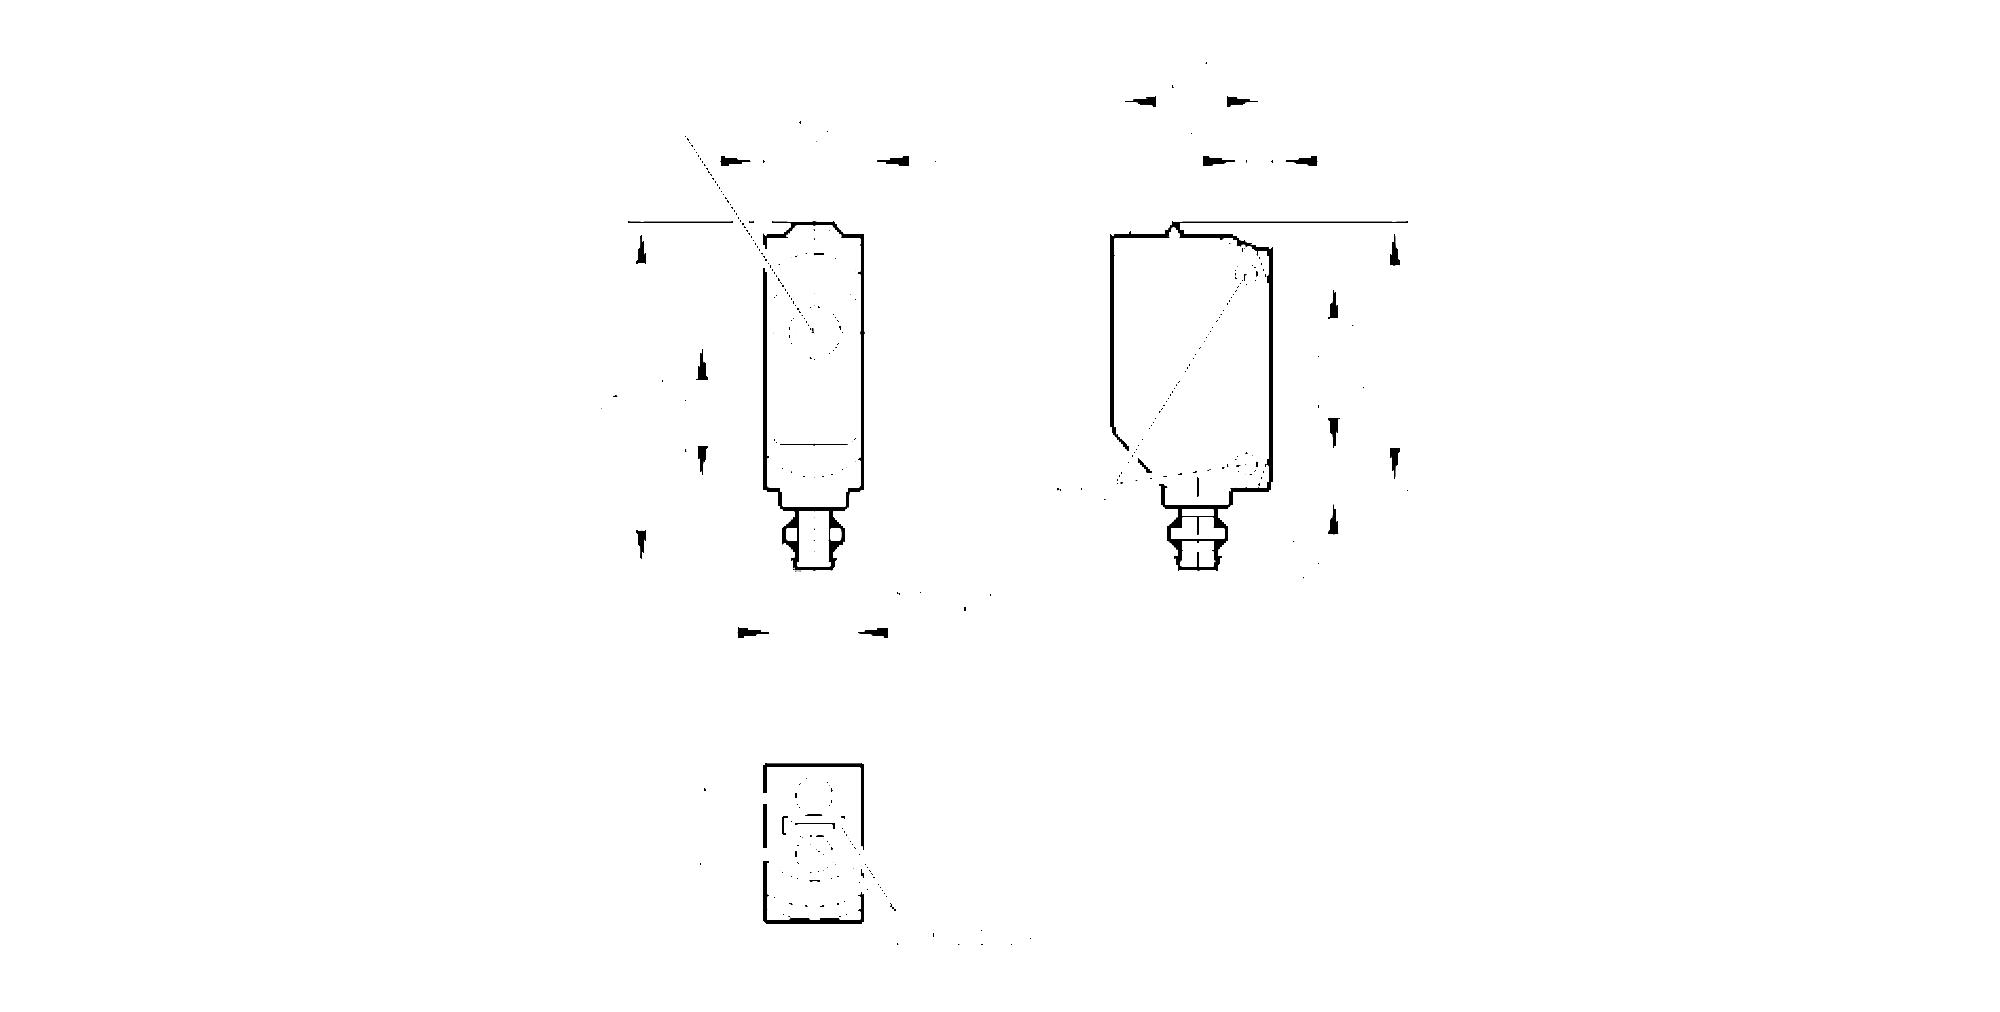 o6e702 - through-beam sensor receiver